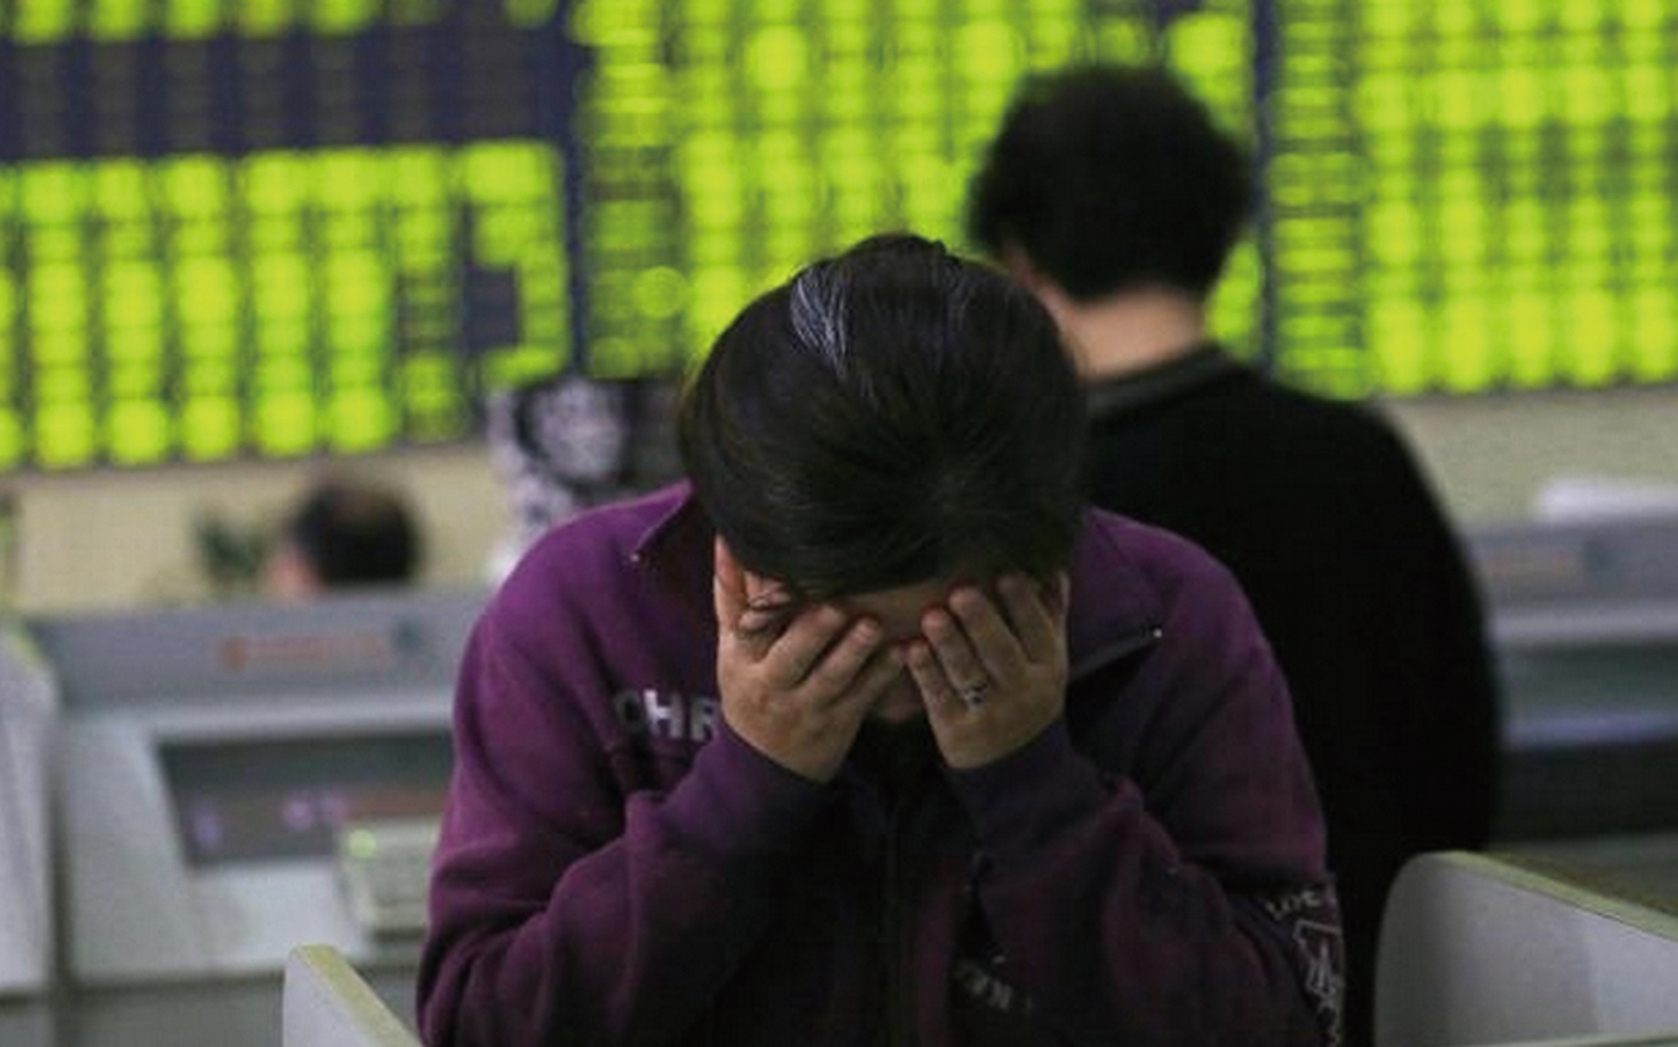 近期,大陸股市出現2宗借殼上市後暴漲暴跌的事件,中共治下的股市亂象引發關注。(網絡截圖)